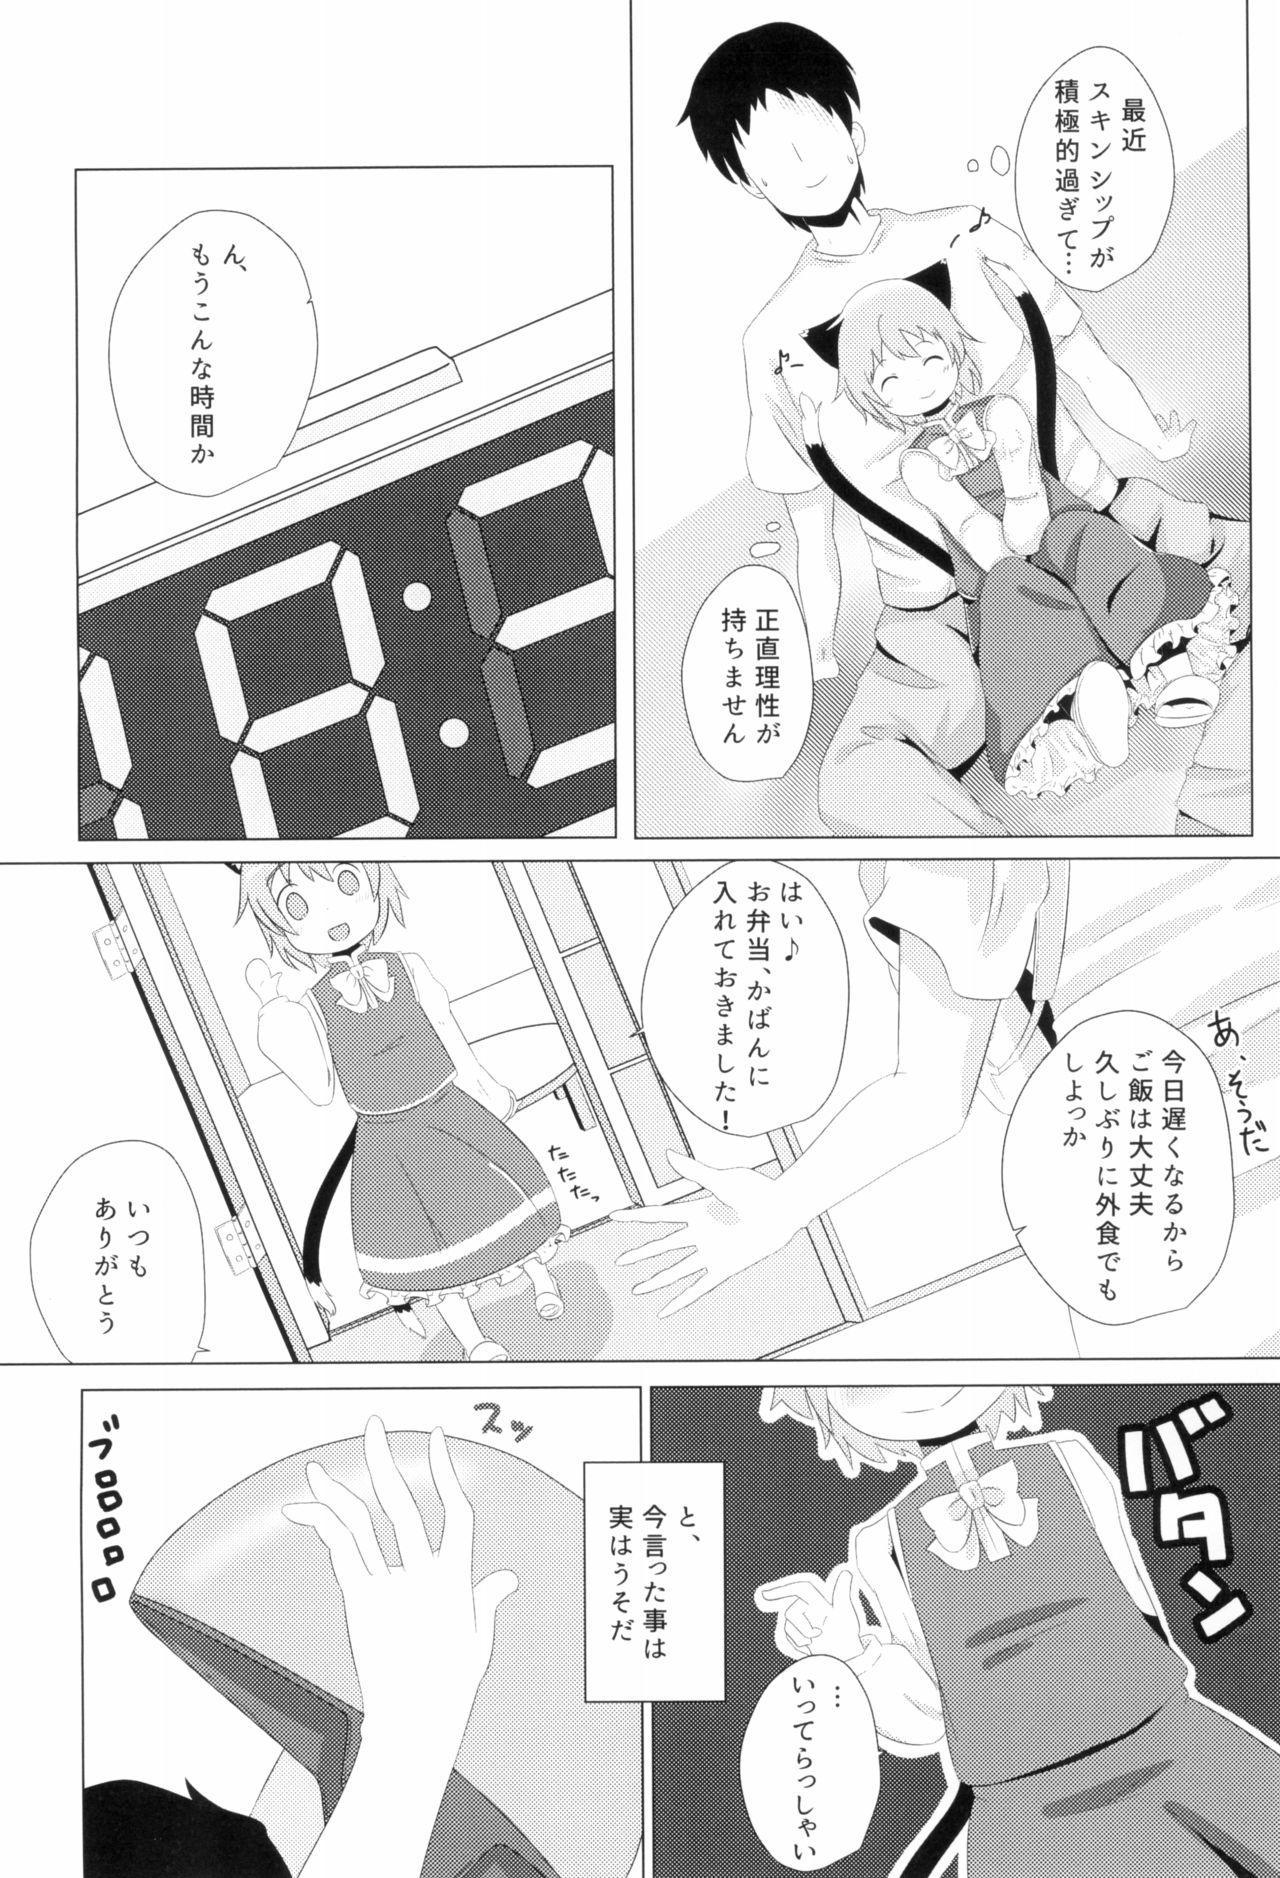 Koneko no Yomeiri 7